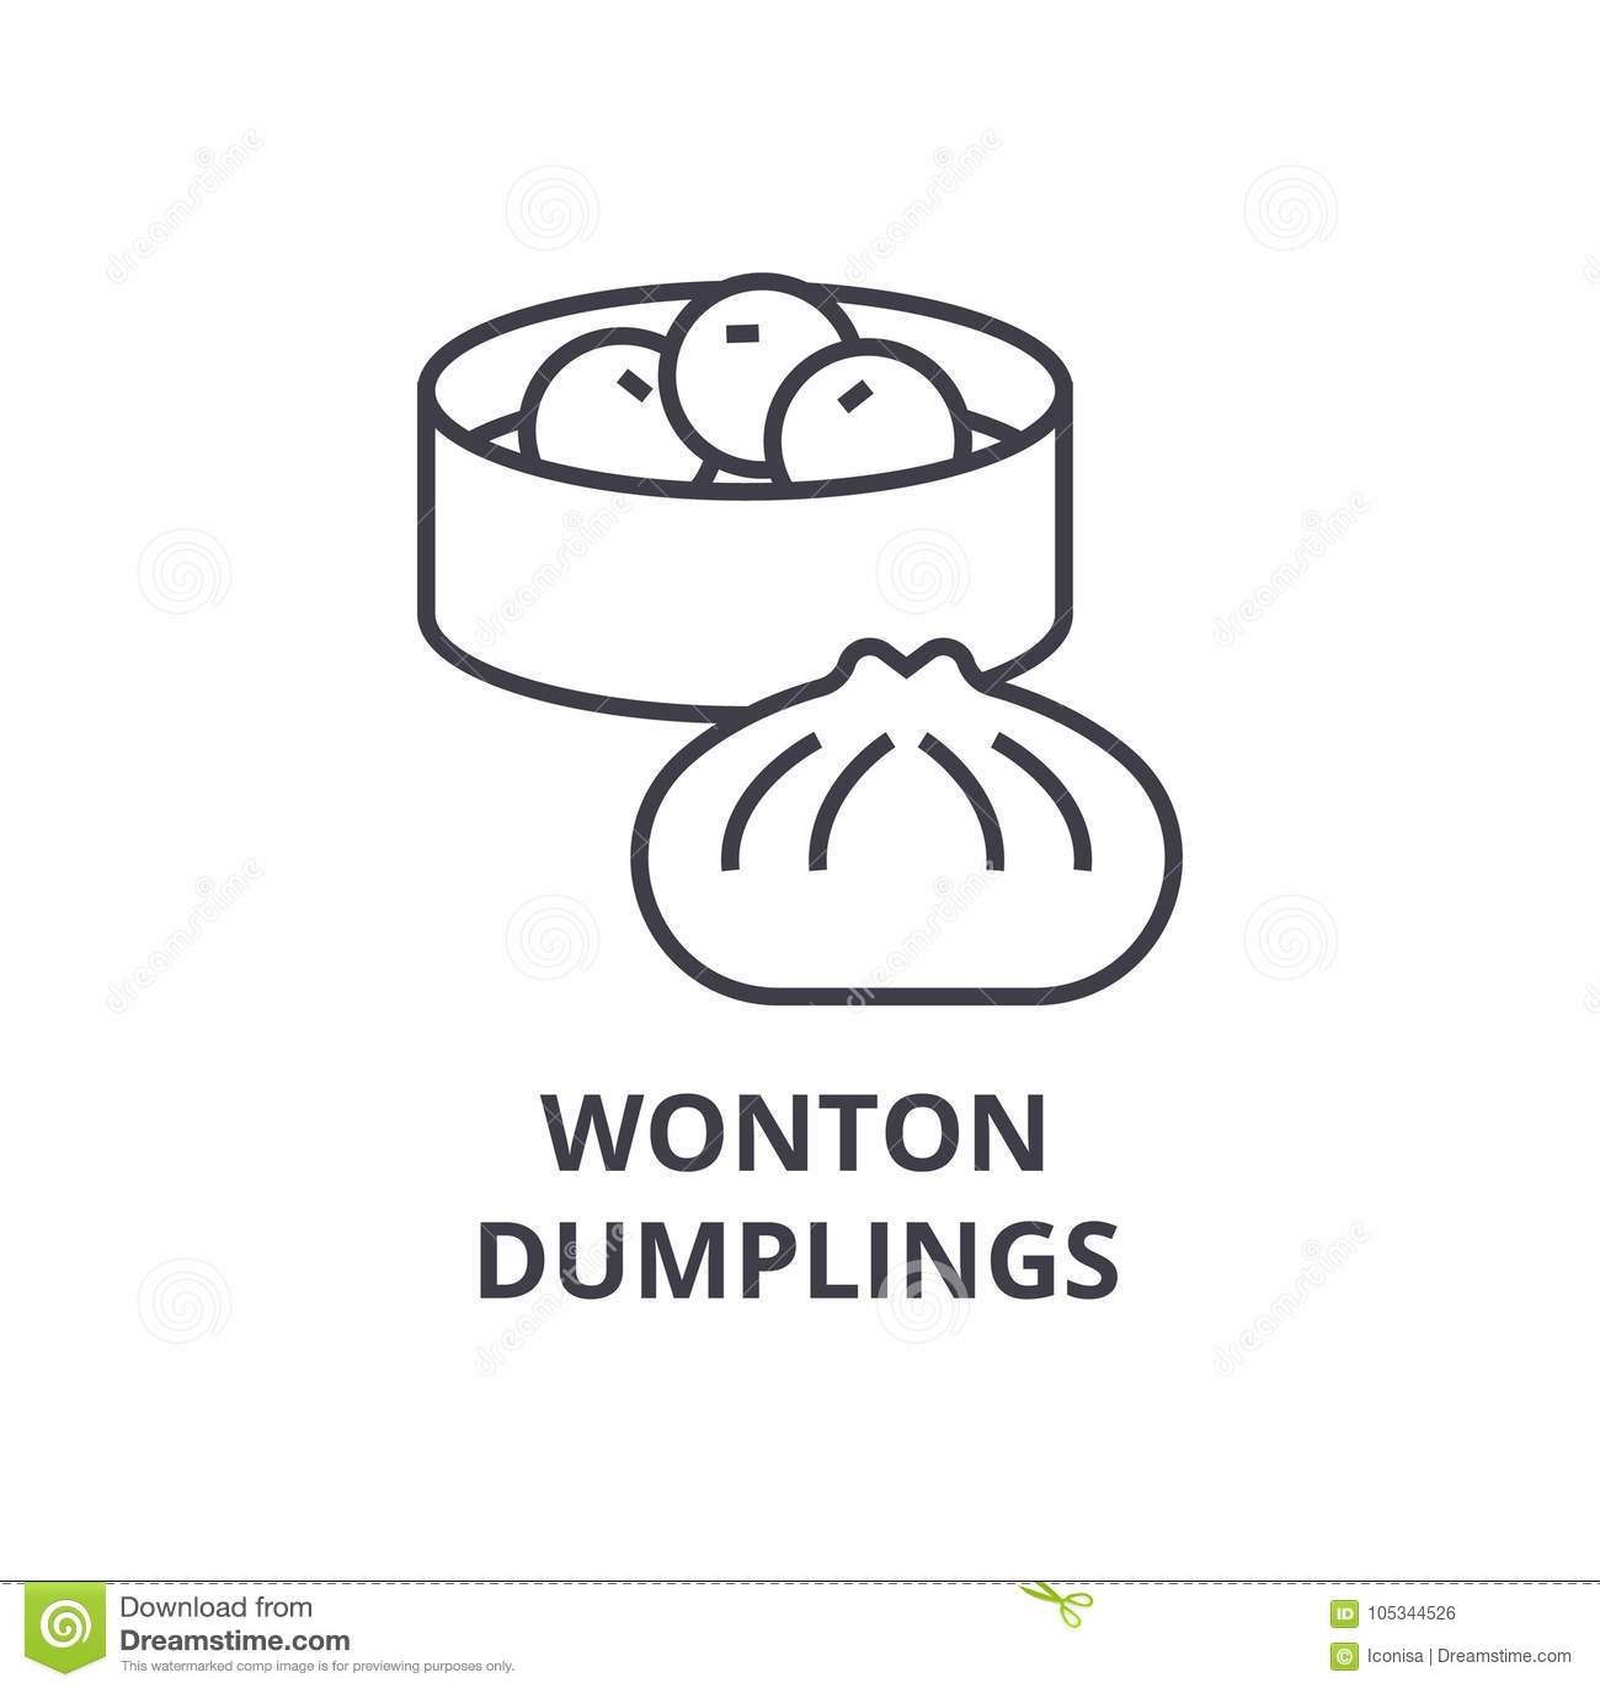 Wonton Dumplings Line Icon Outline Sign Linear Symbol